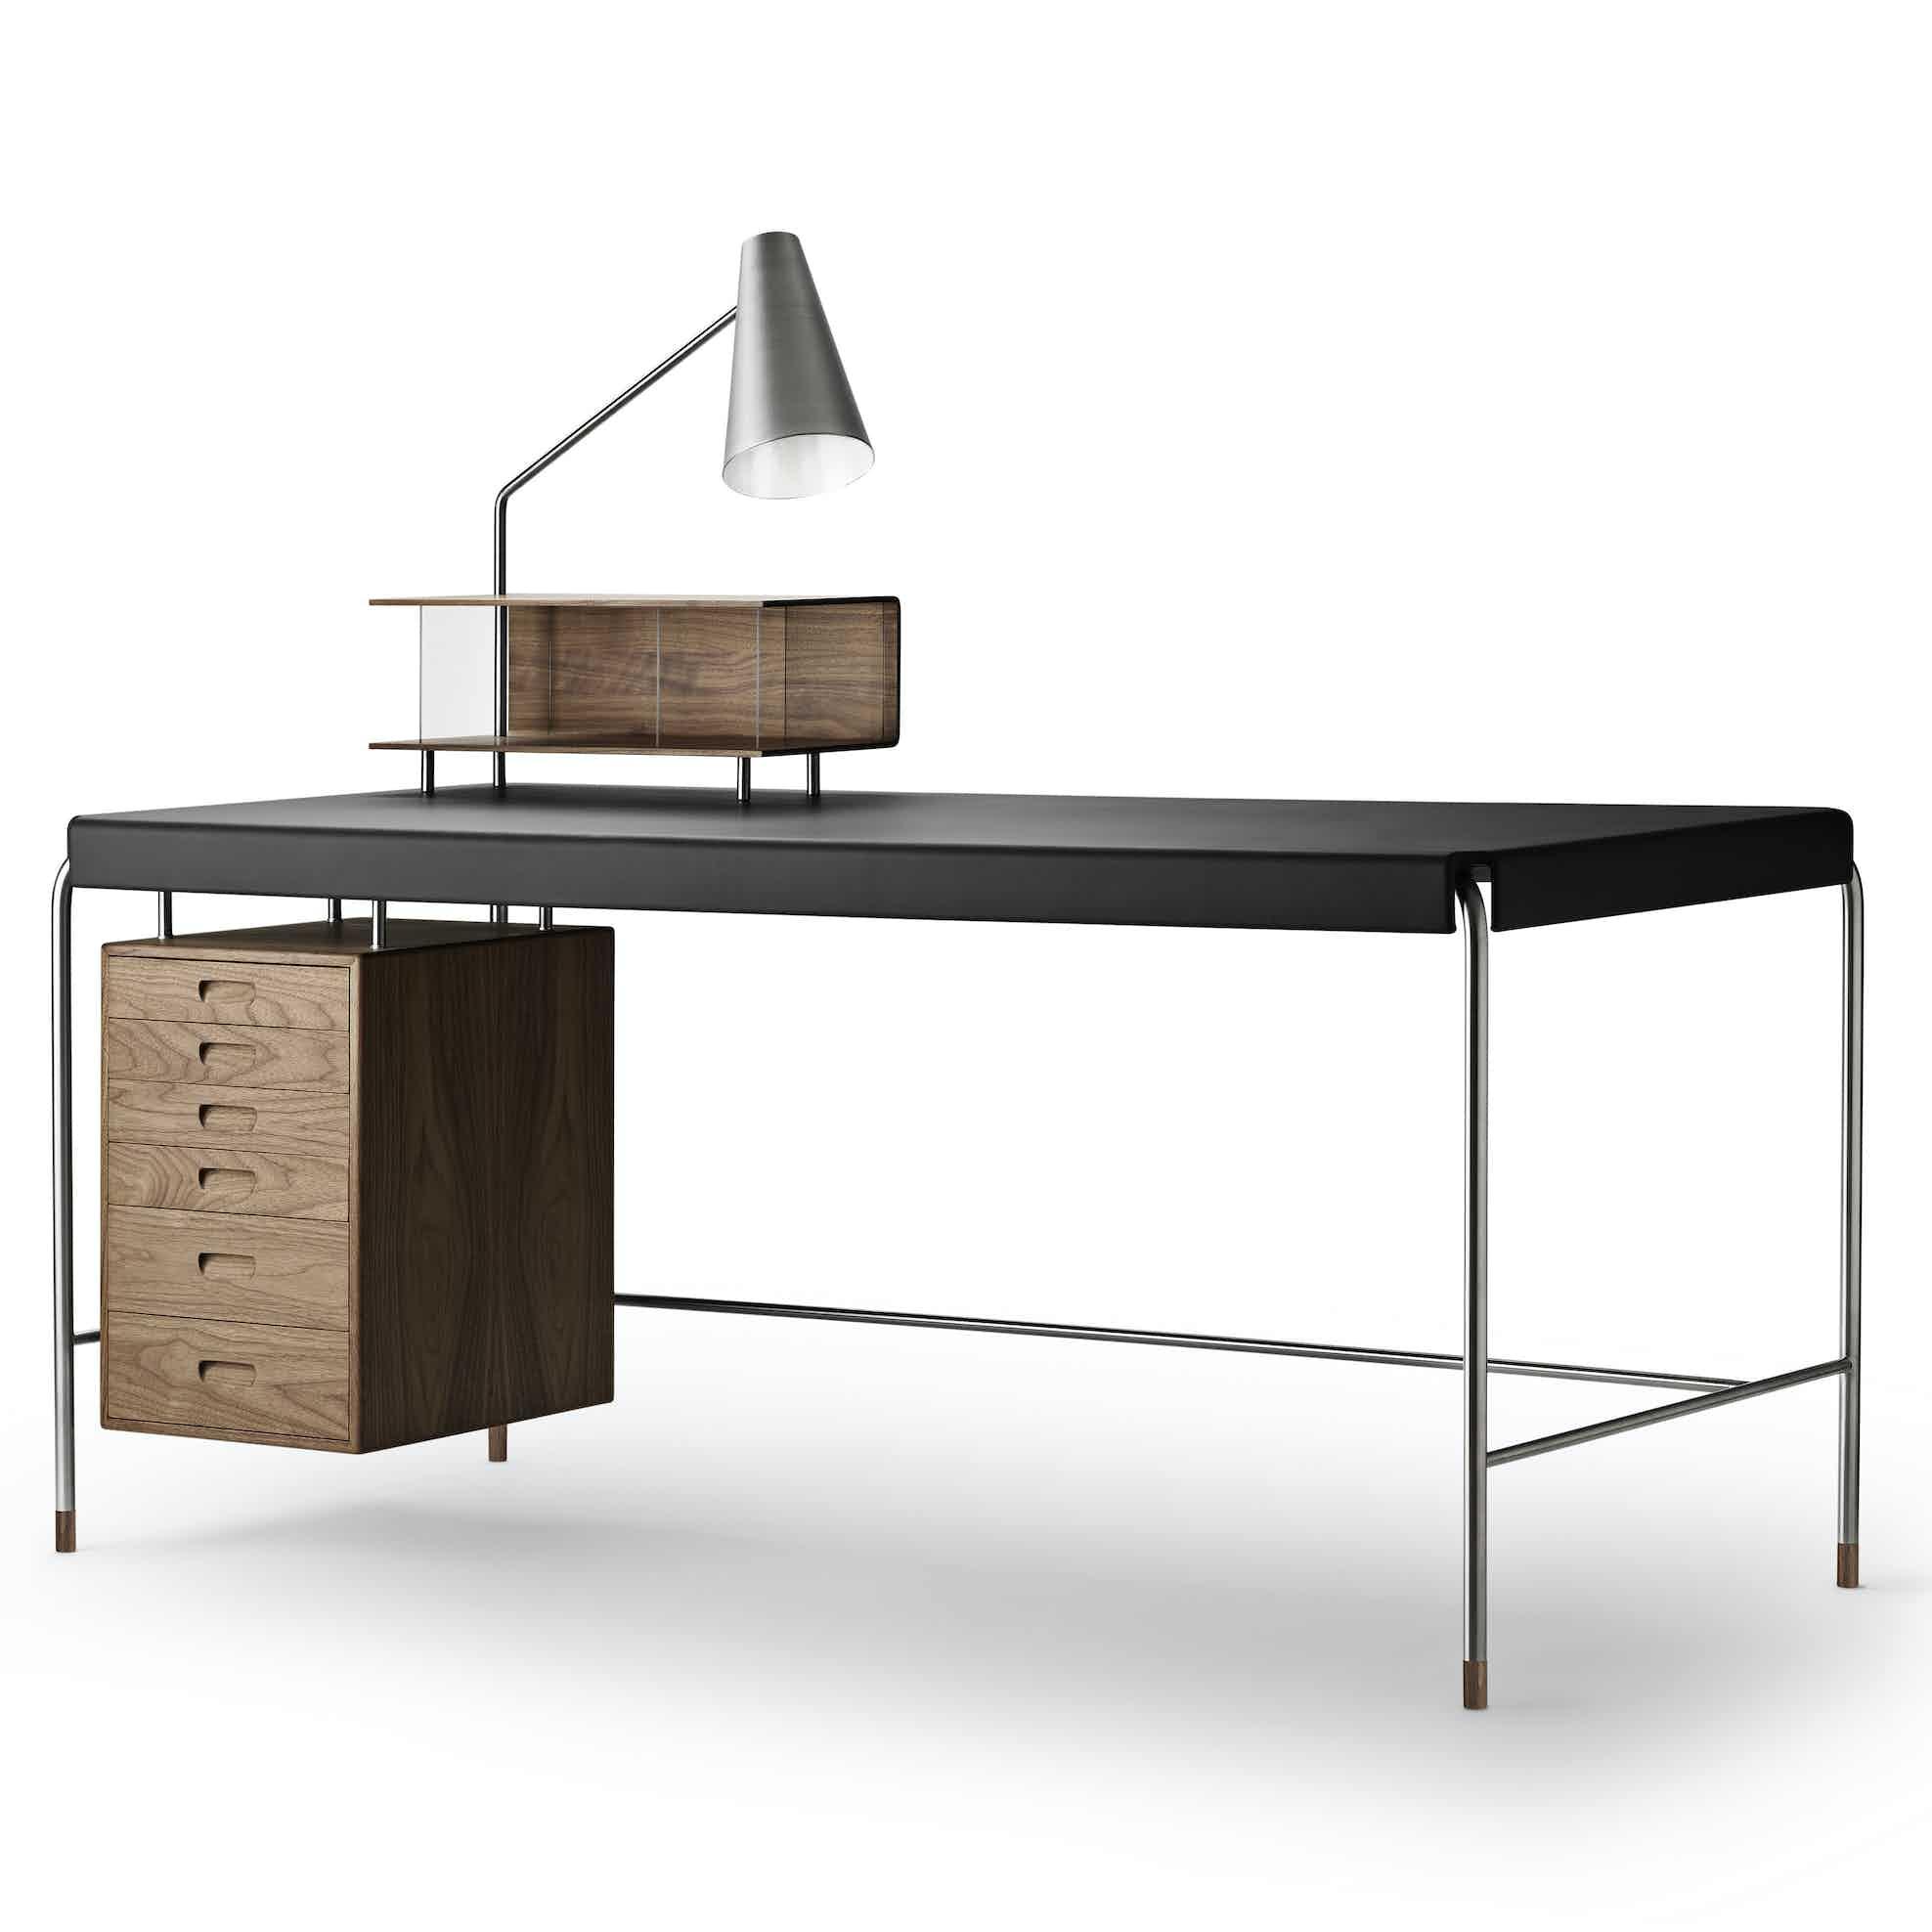 Carl-hansen-diag-aj52-haute-living